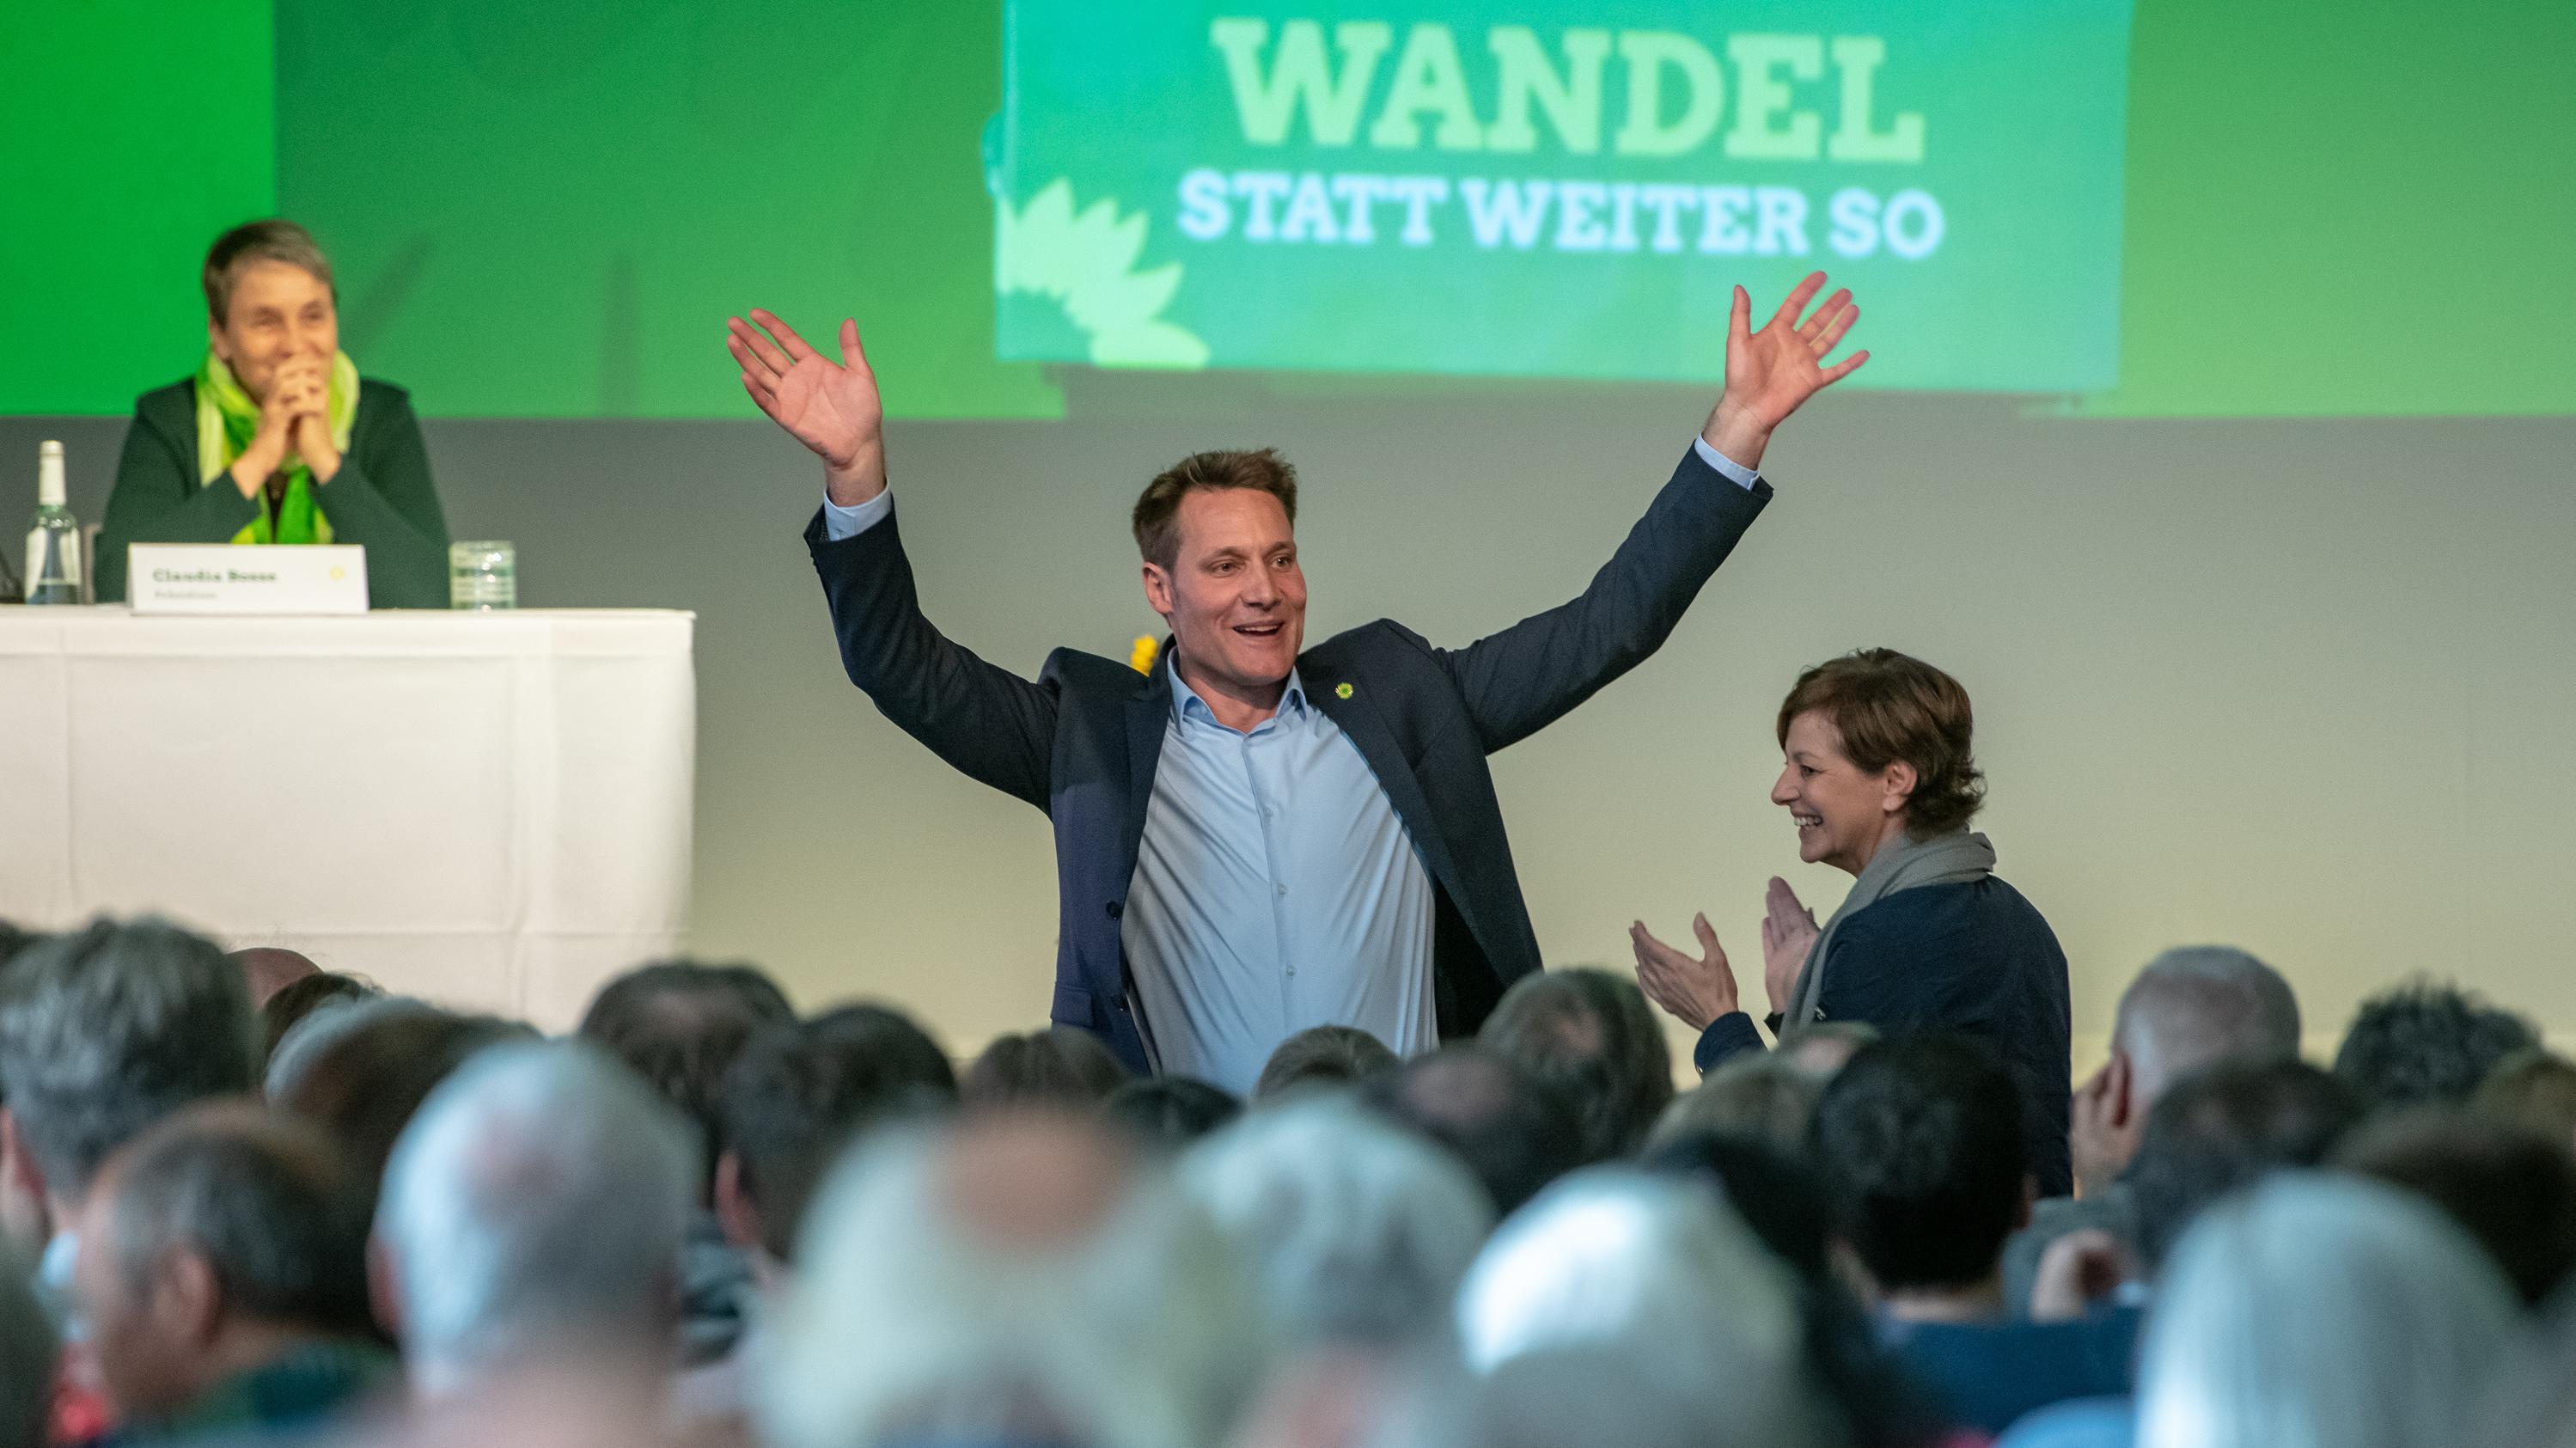 Ludwig Hartmann, Fraktionsvorsitzender von Bündnis 90/Die Grünen im Landtag, winkt nach einer Rede auf dem außerordentlichen Parteitag nach der Landtagswahl.